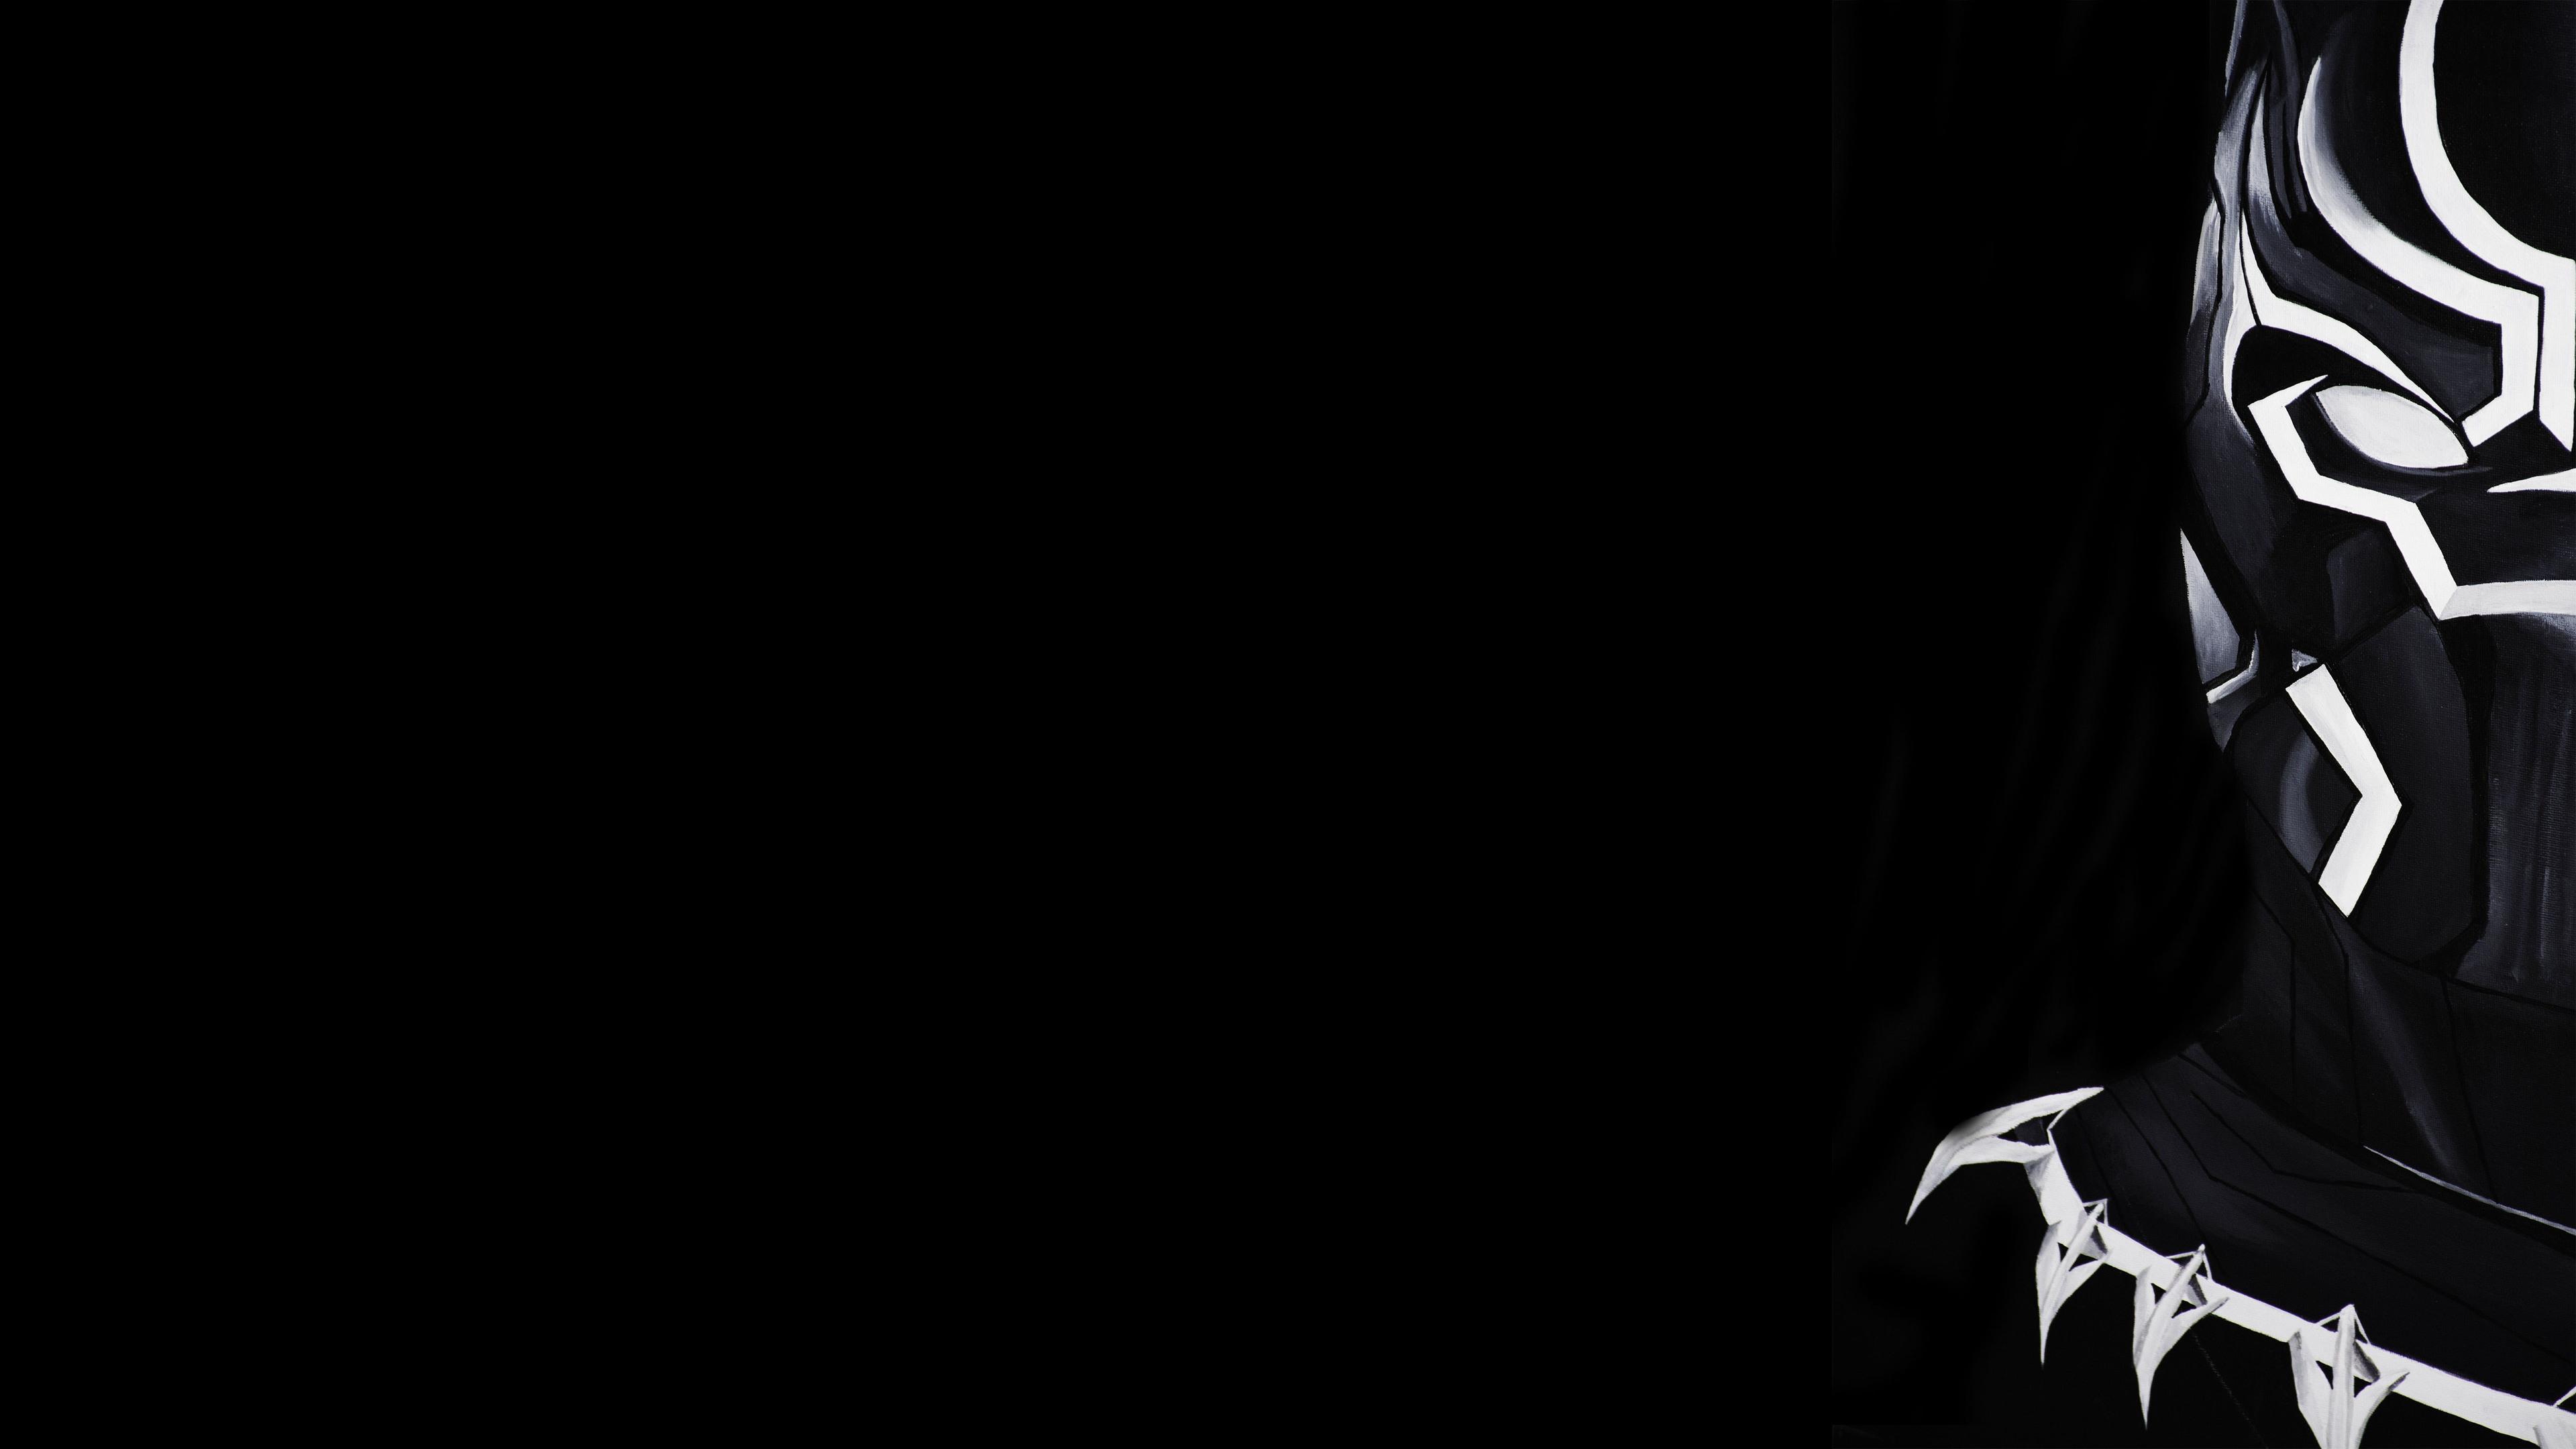 black panther artwork 4k 5k 1536522084 - Black Panther Artwork 4K 5K - superheroes wallpapers, digital art wallpapers, black panther wallpapers, artwork wallpapers, artist wallpapers, 5k wallpapers, 4k-wallpapers